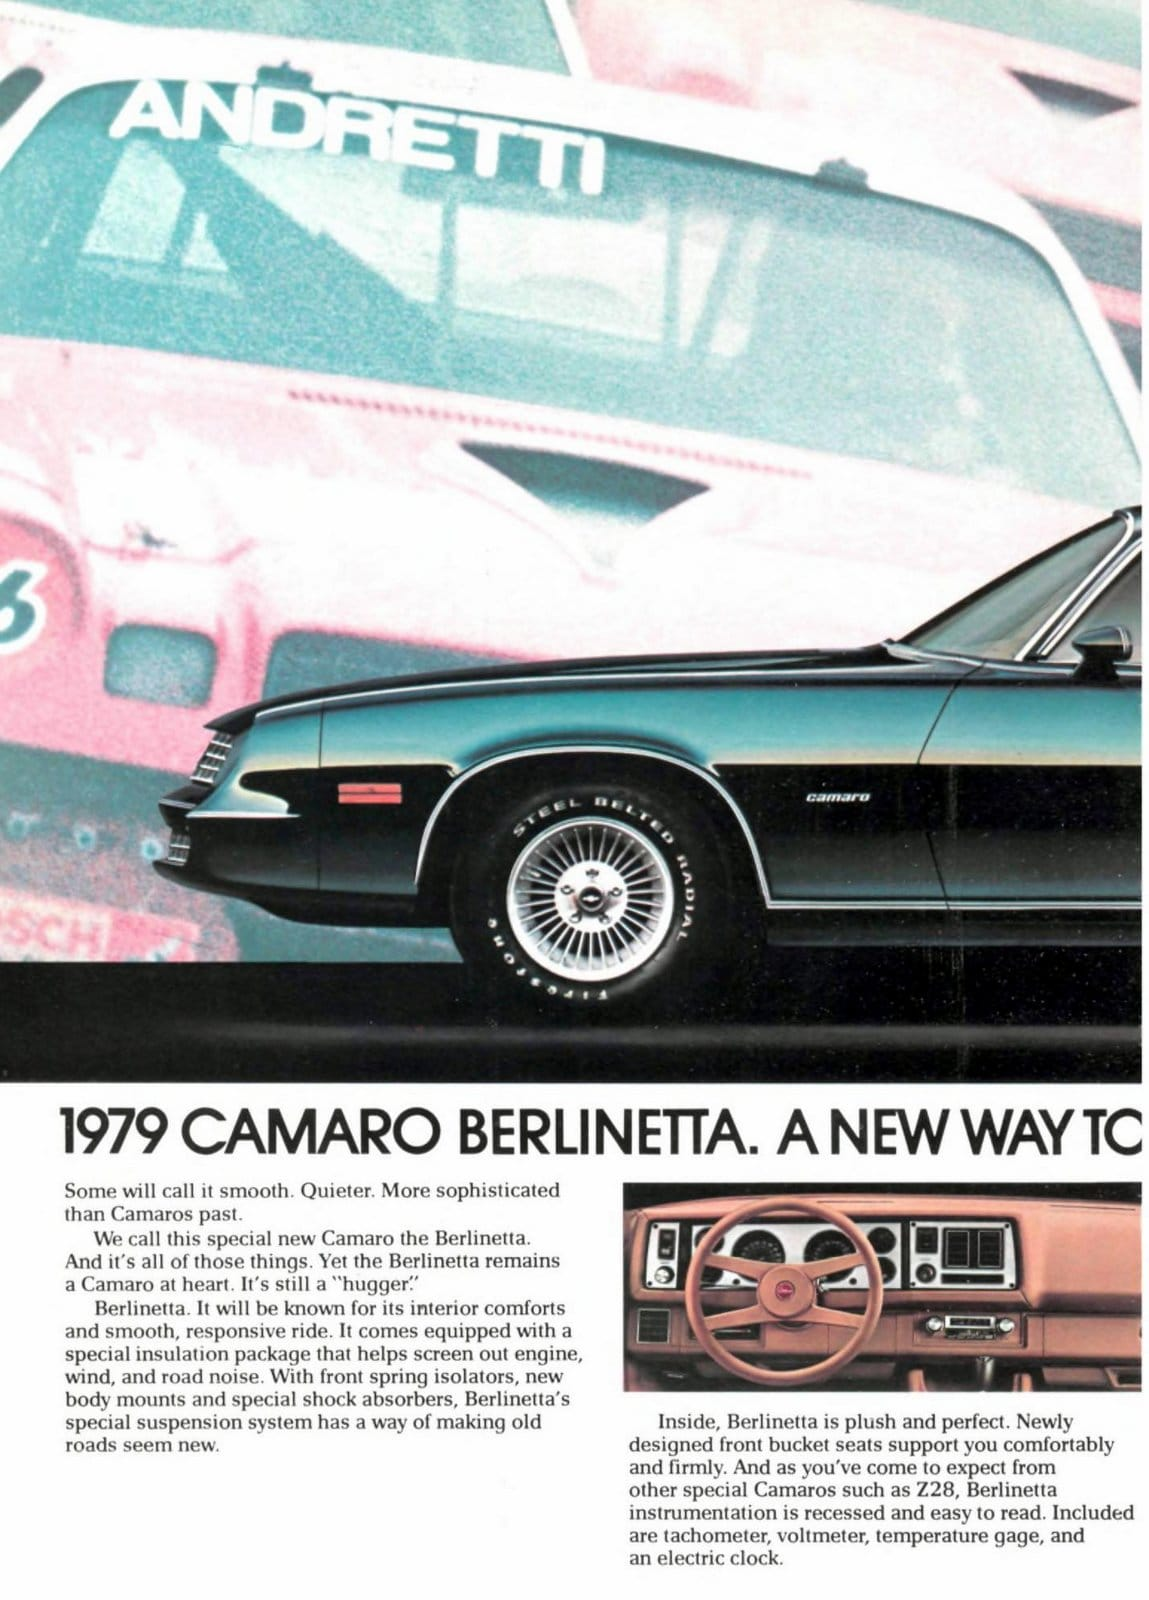 1979 Camaro Berlinetta cars (1)